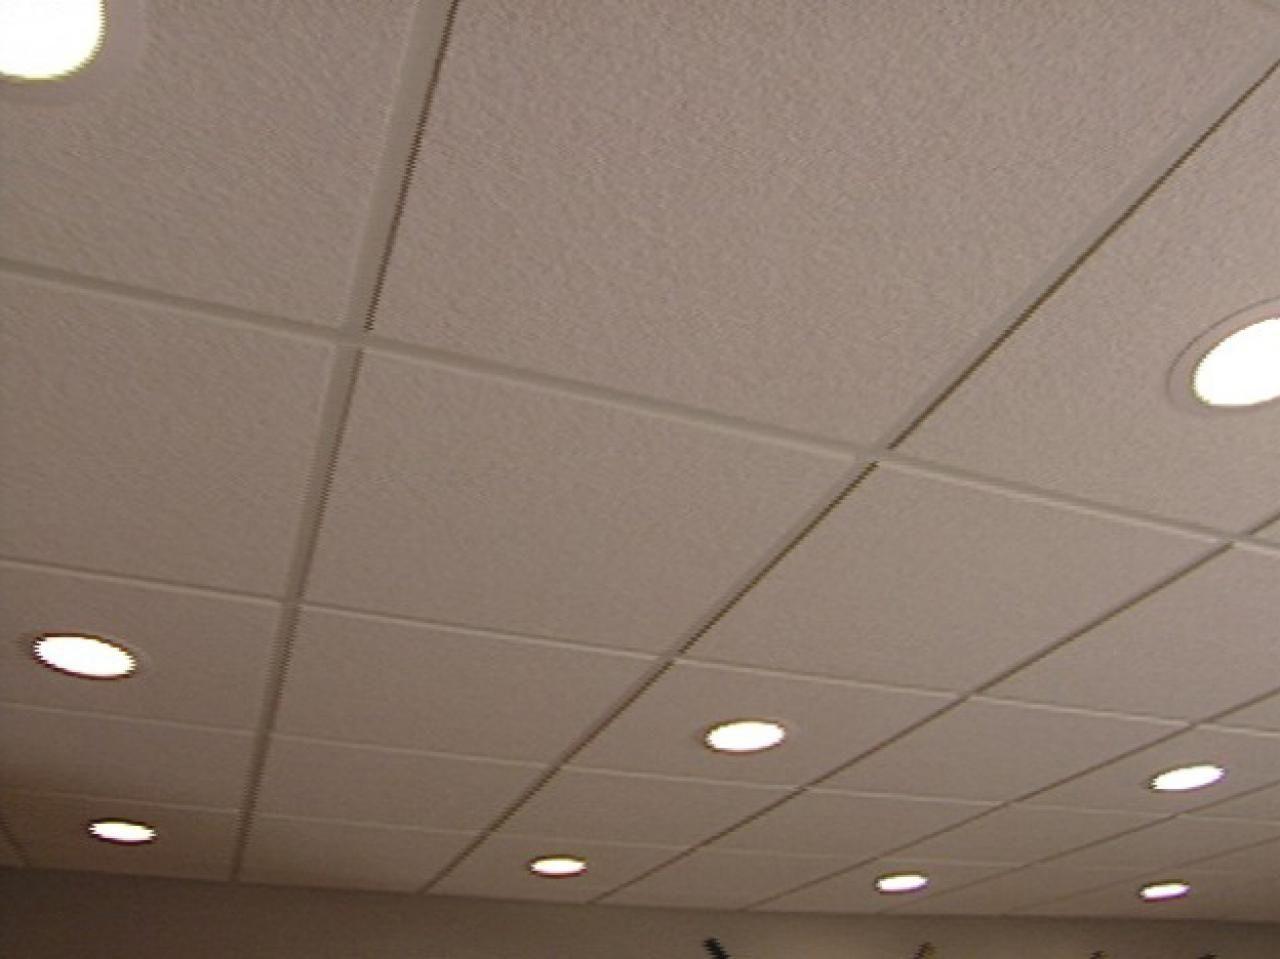 Lights for suspended ceiling grid httpcreativechairsandtables lights for suspended ceiling grid aloadofball Images